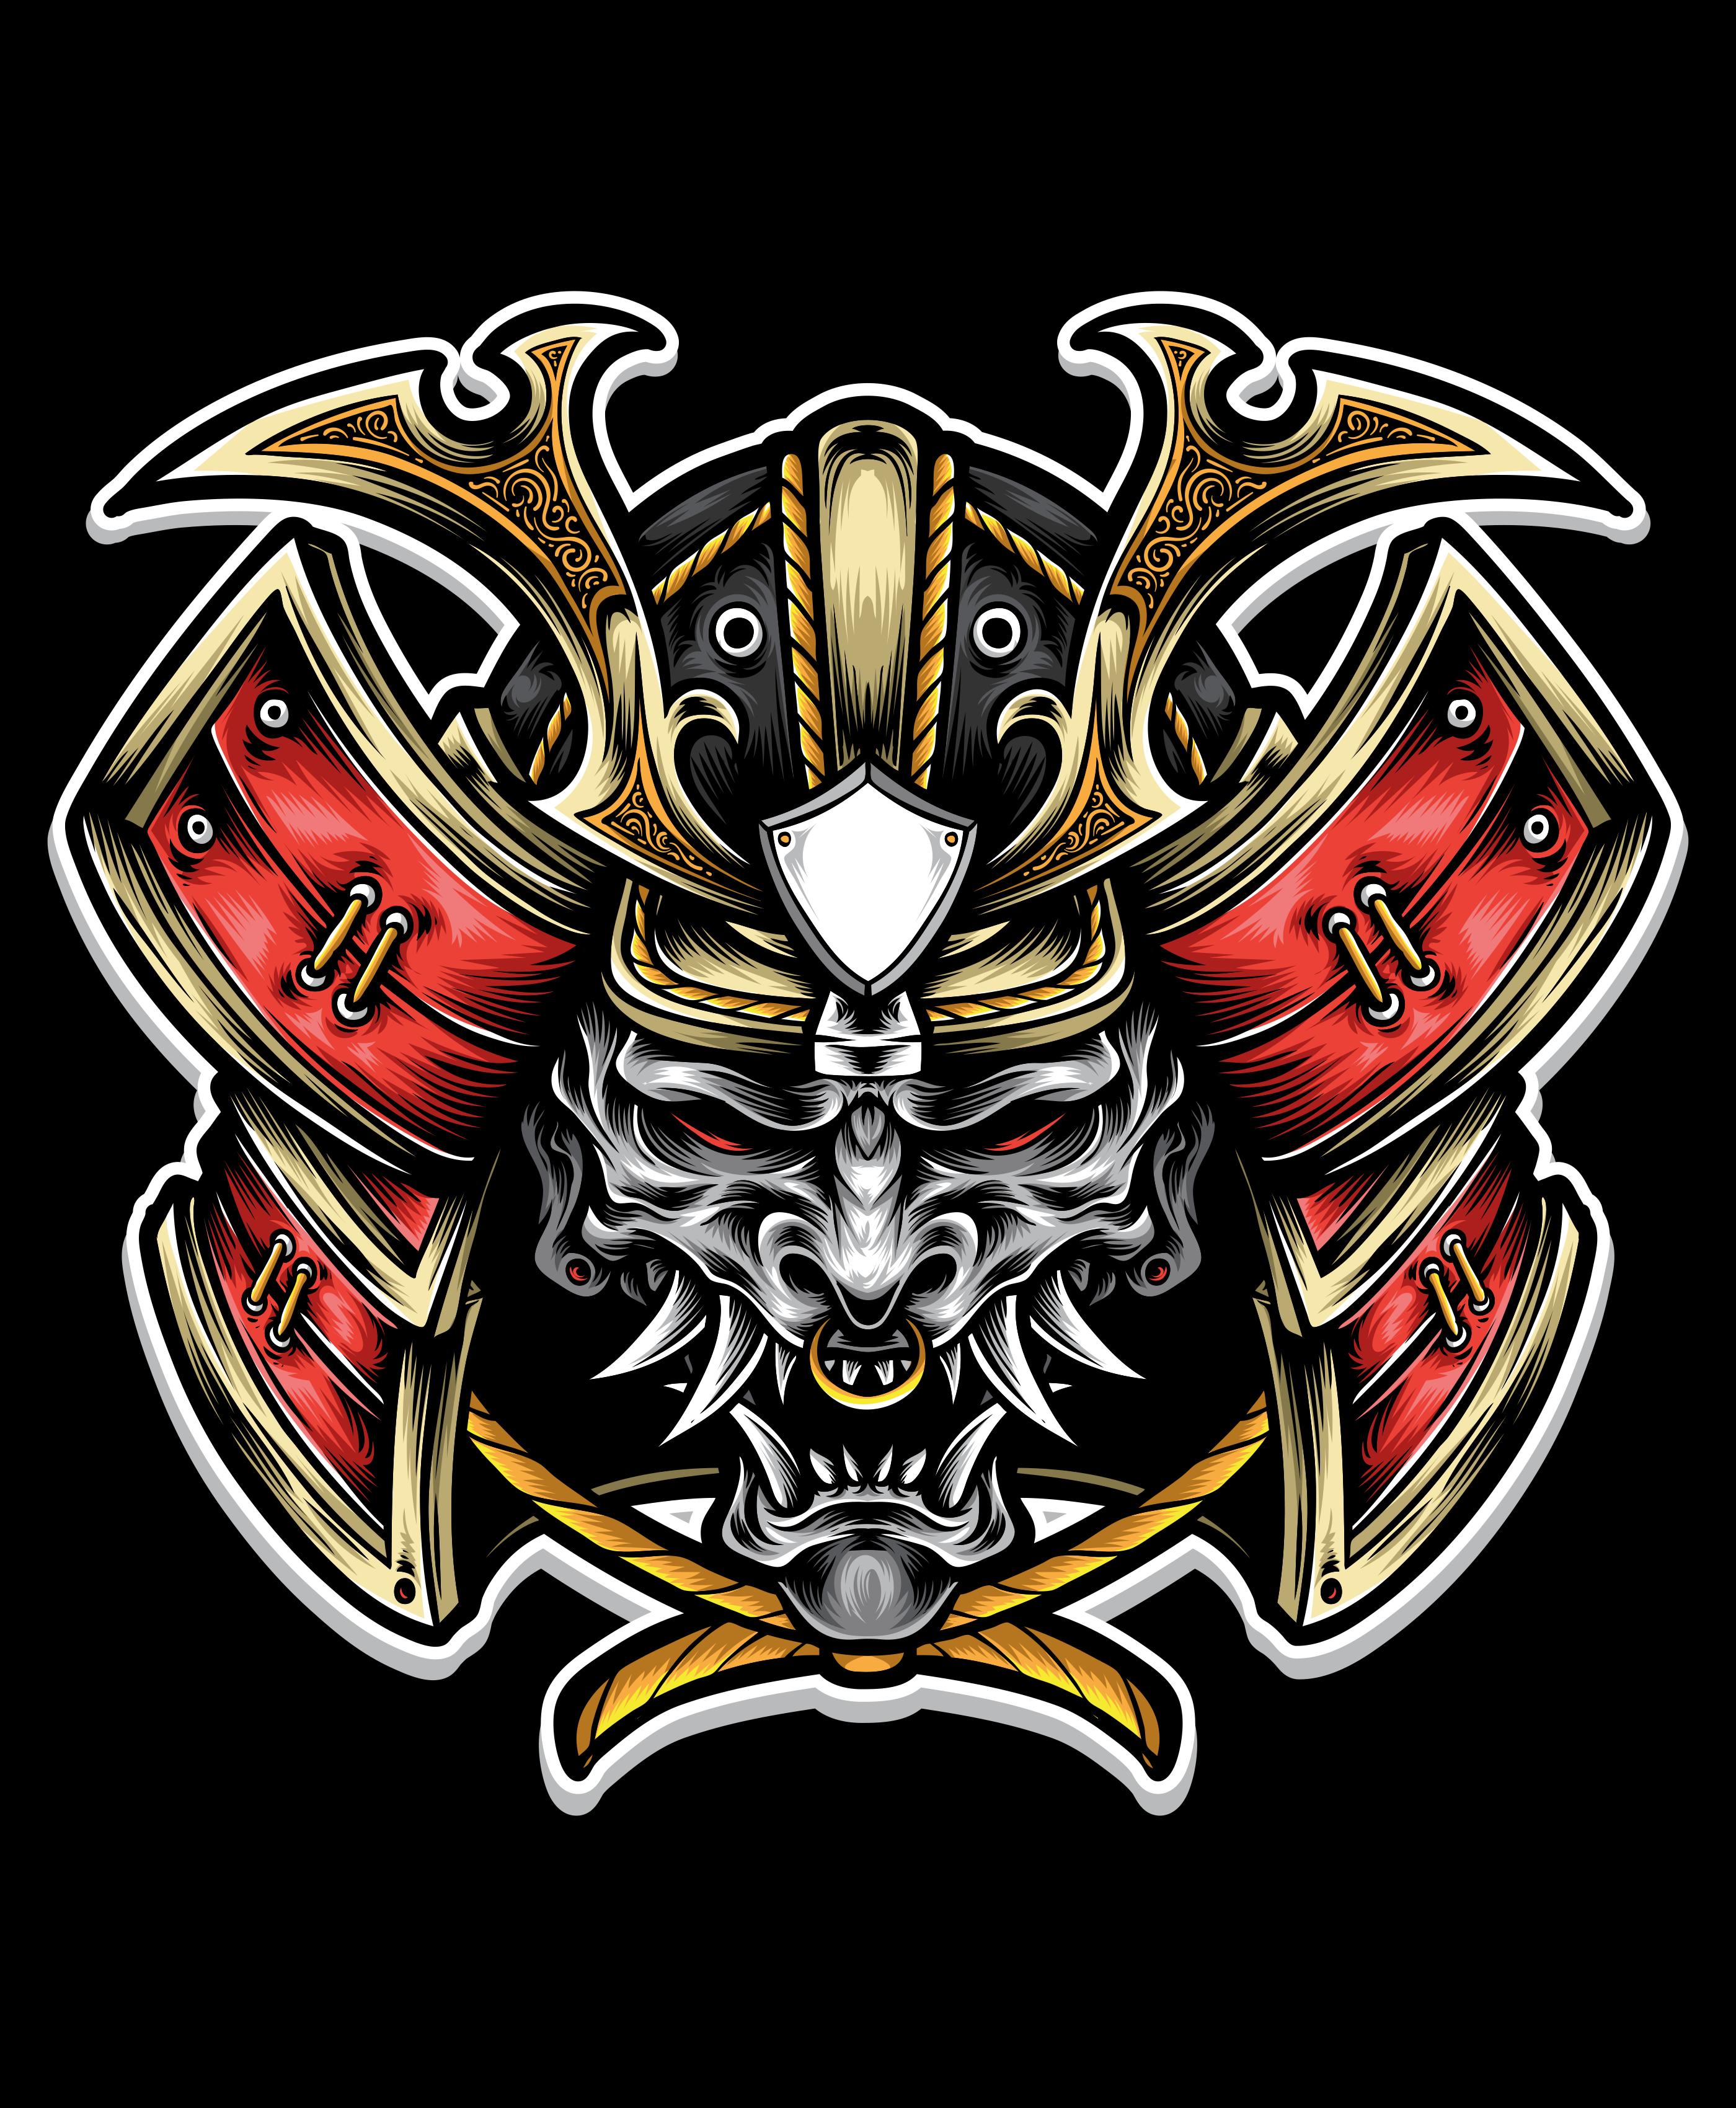 Oni Mask Samurai Samurai Warrior Tattoo Samurai Armor Samurai Mask Tattoo